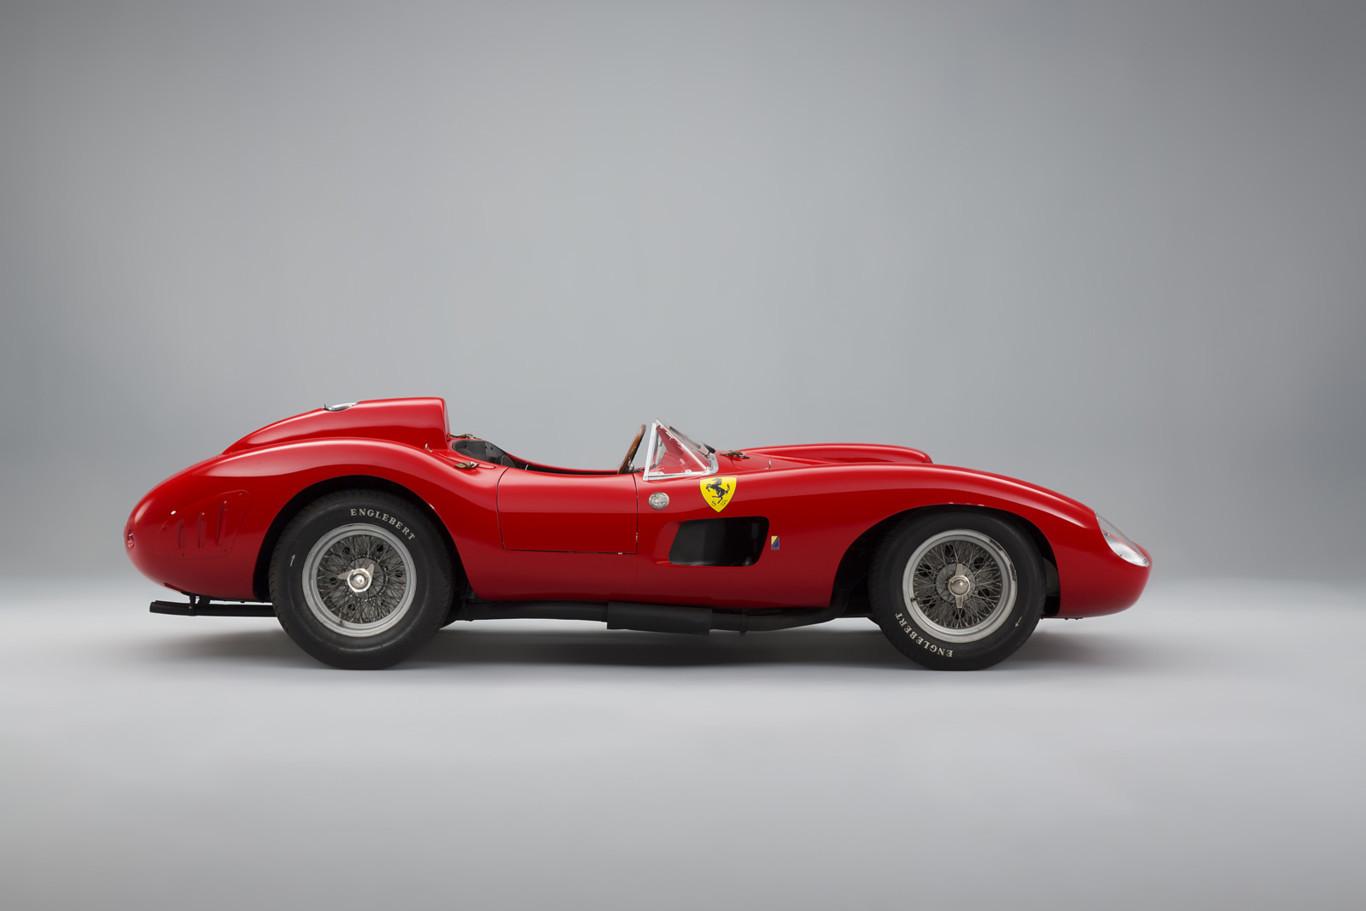 Ferrari 335 Spor Scaglietti 1957